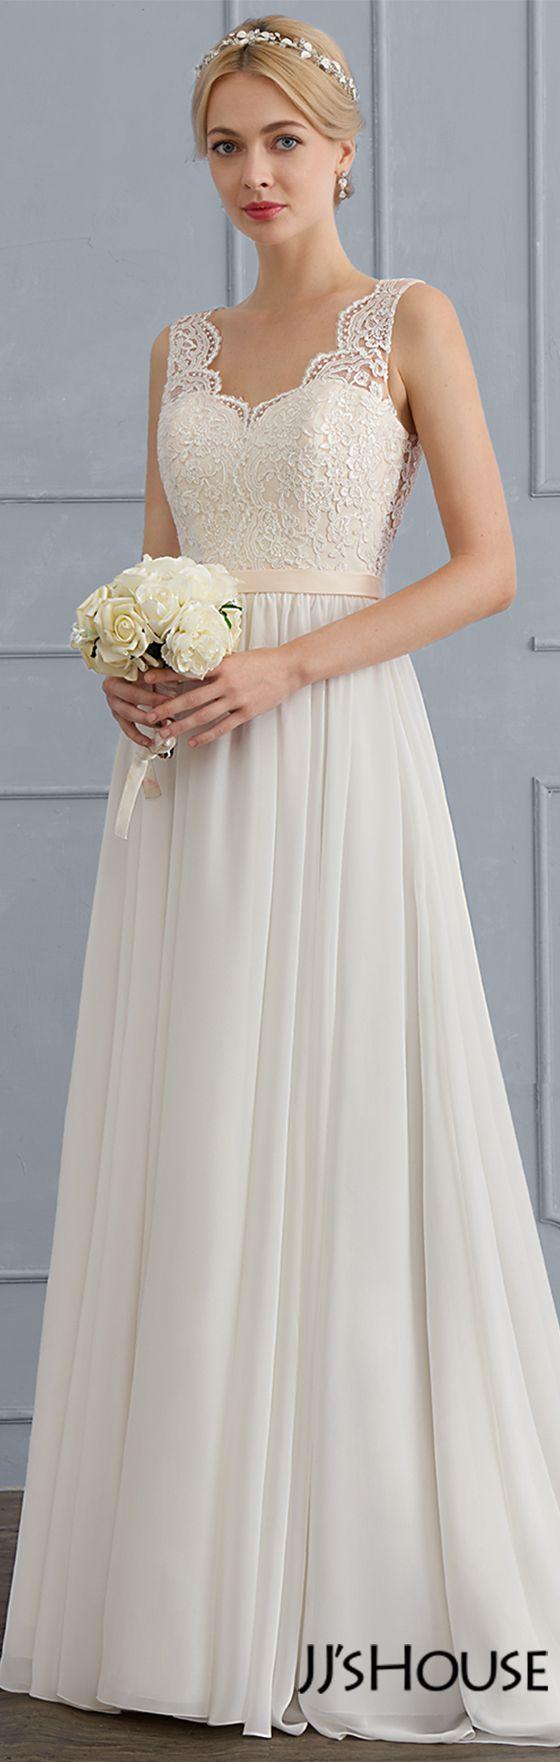 812 best JJsHouse Wedding Dresses images on Pinterest